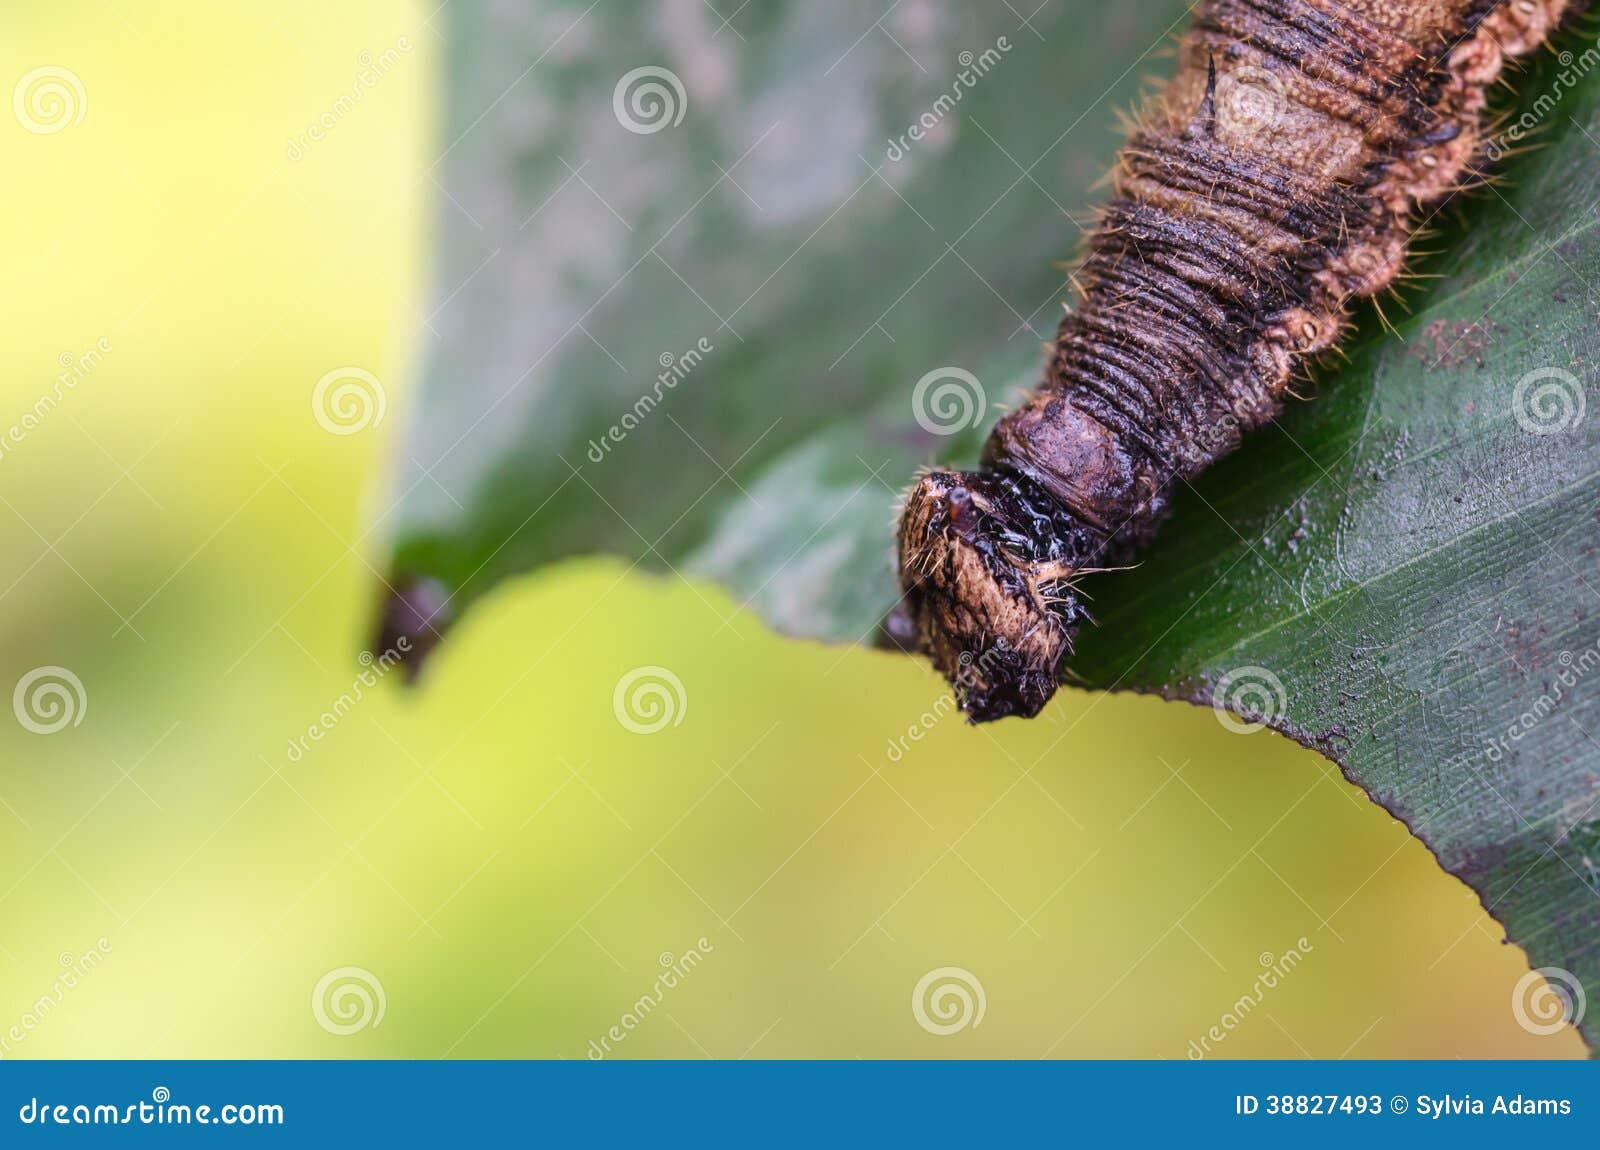 Caterpillar caligo memnon